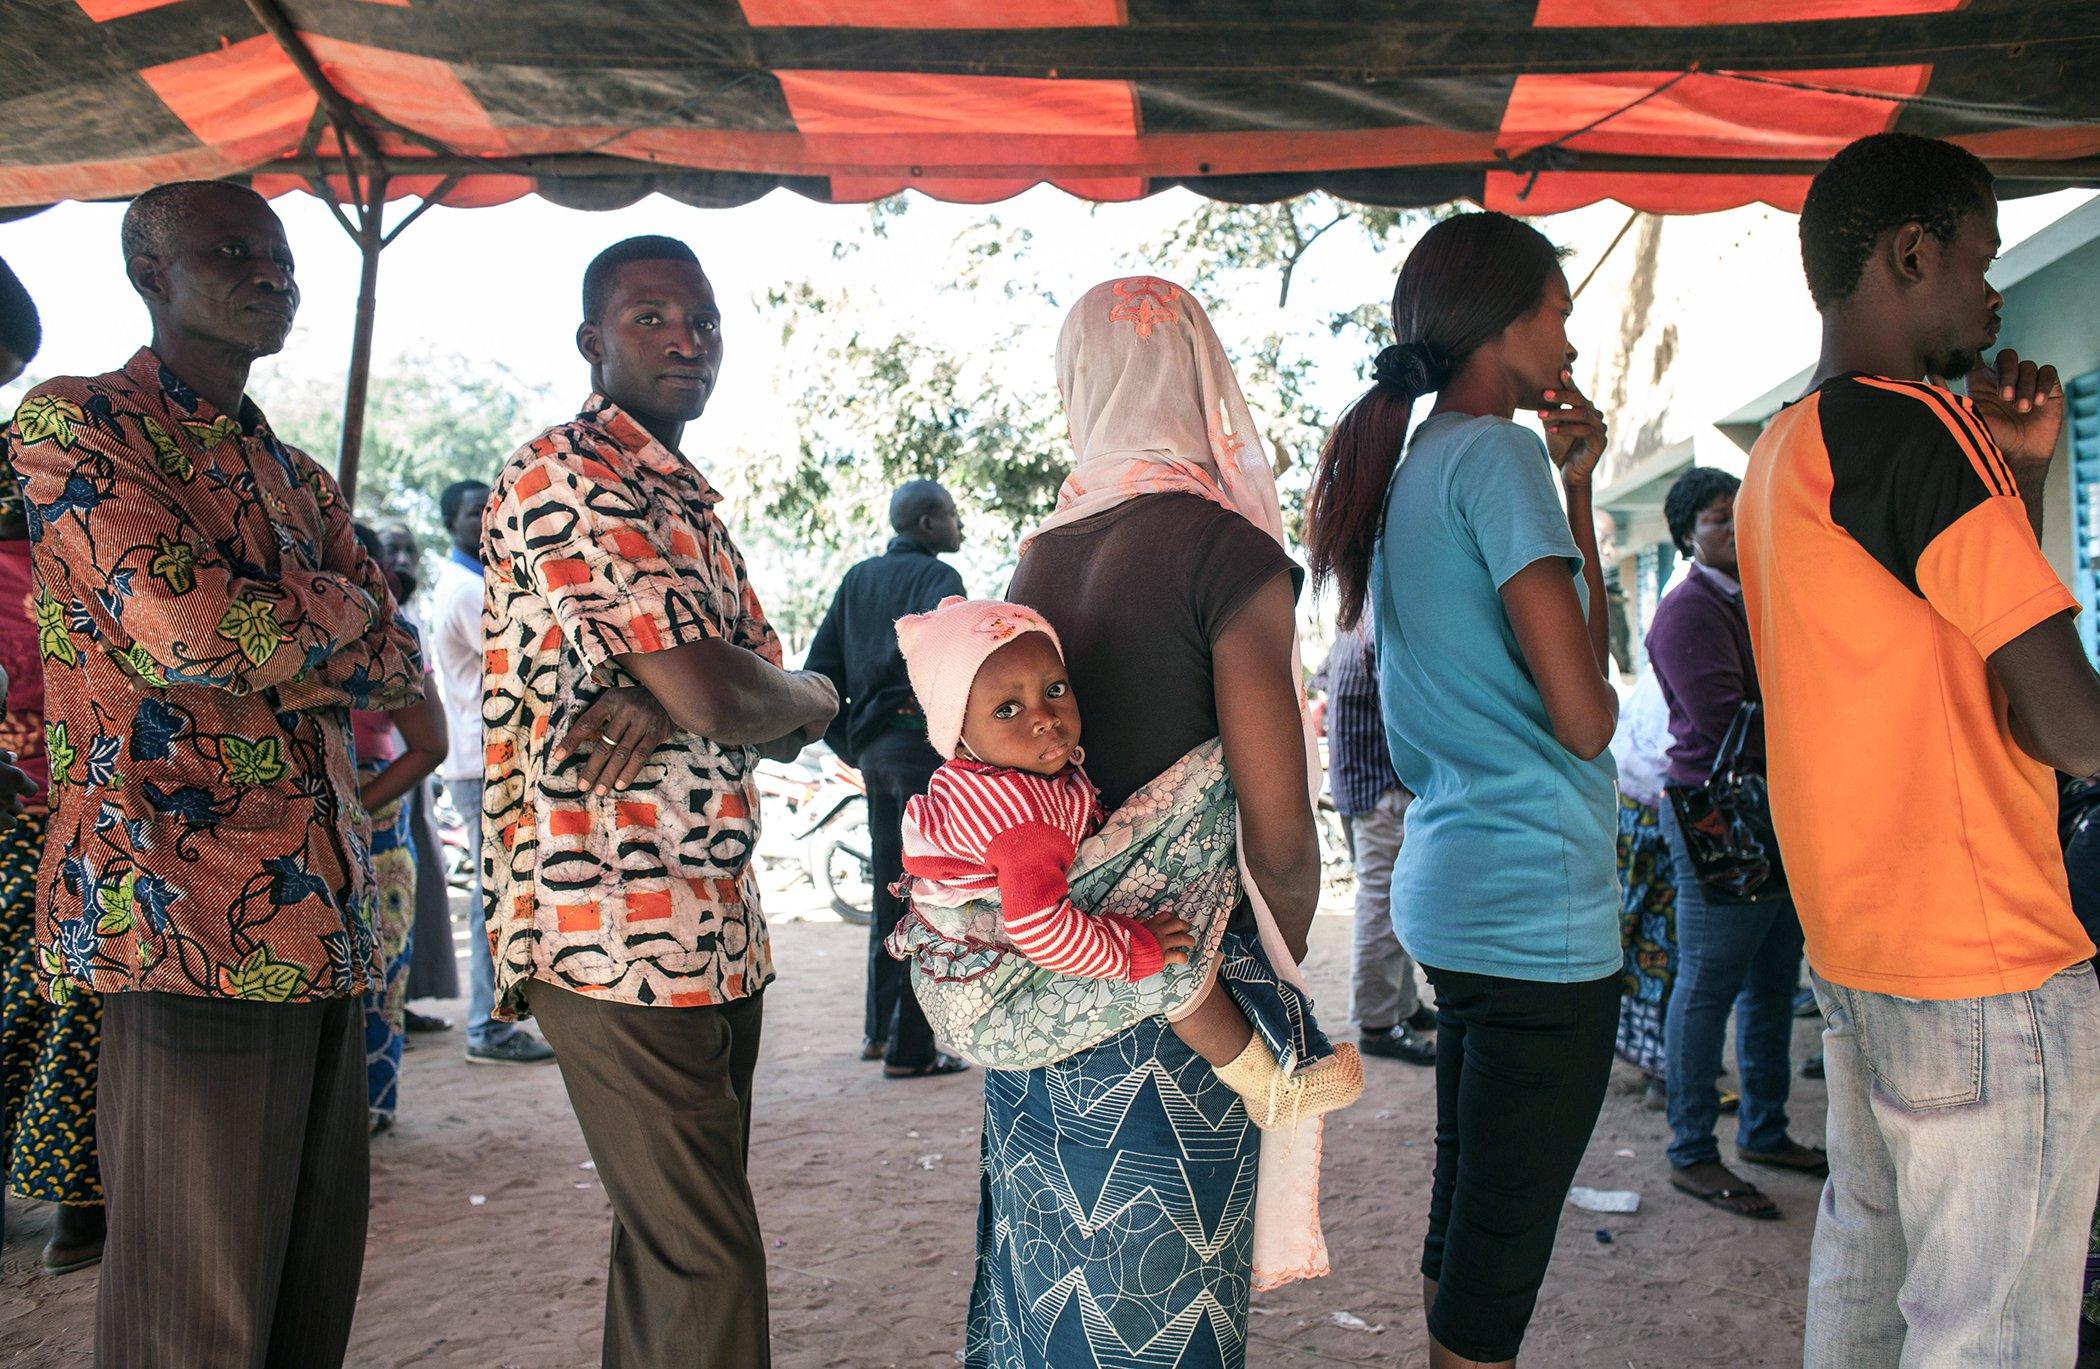 Voting-Around-The-World-Burkina-Faso.jpg